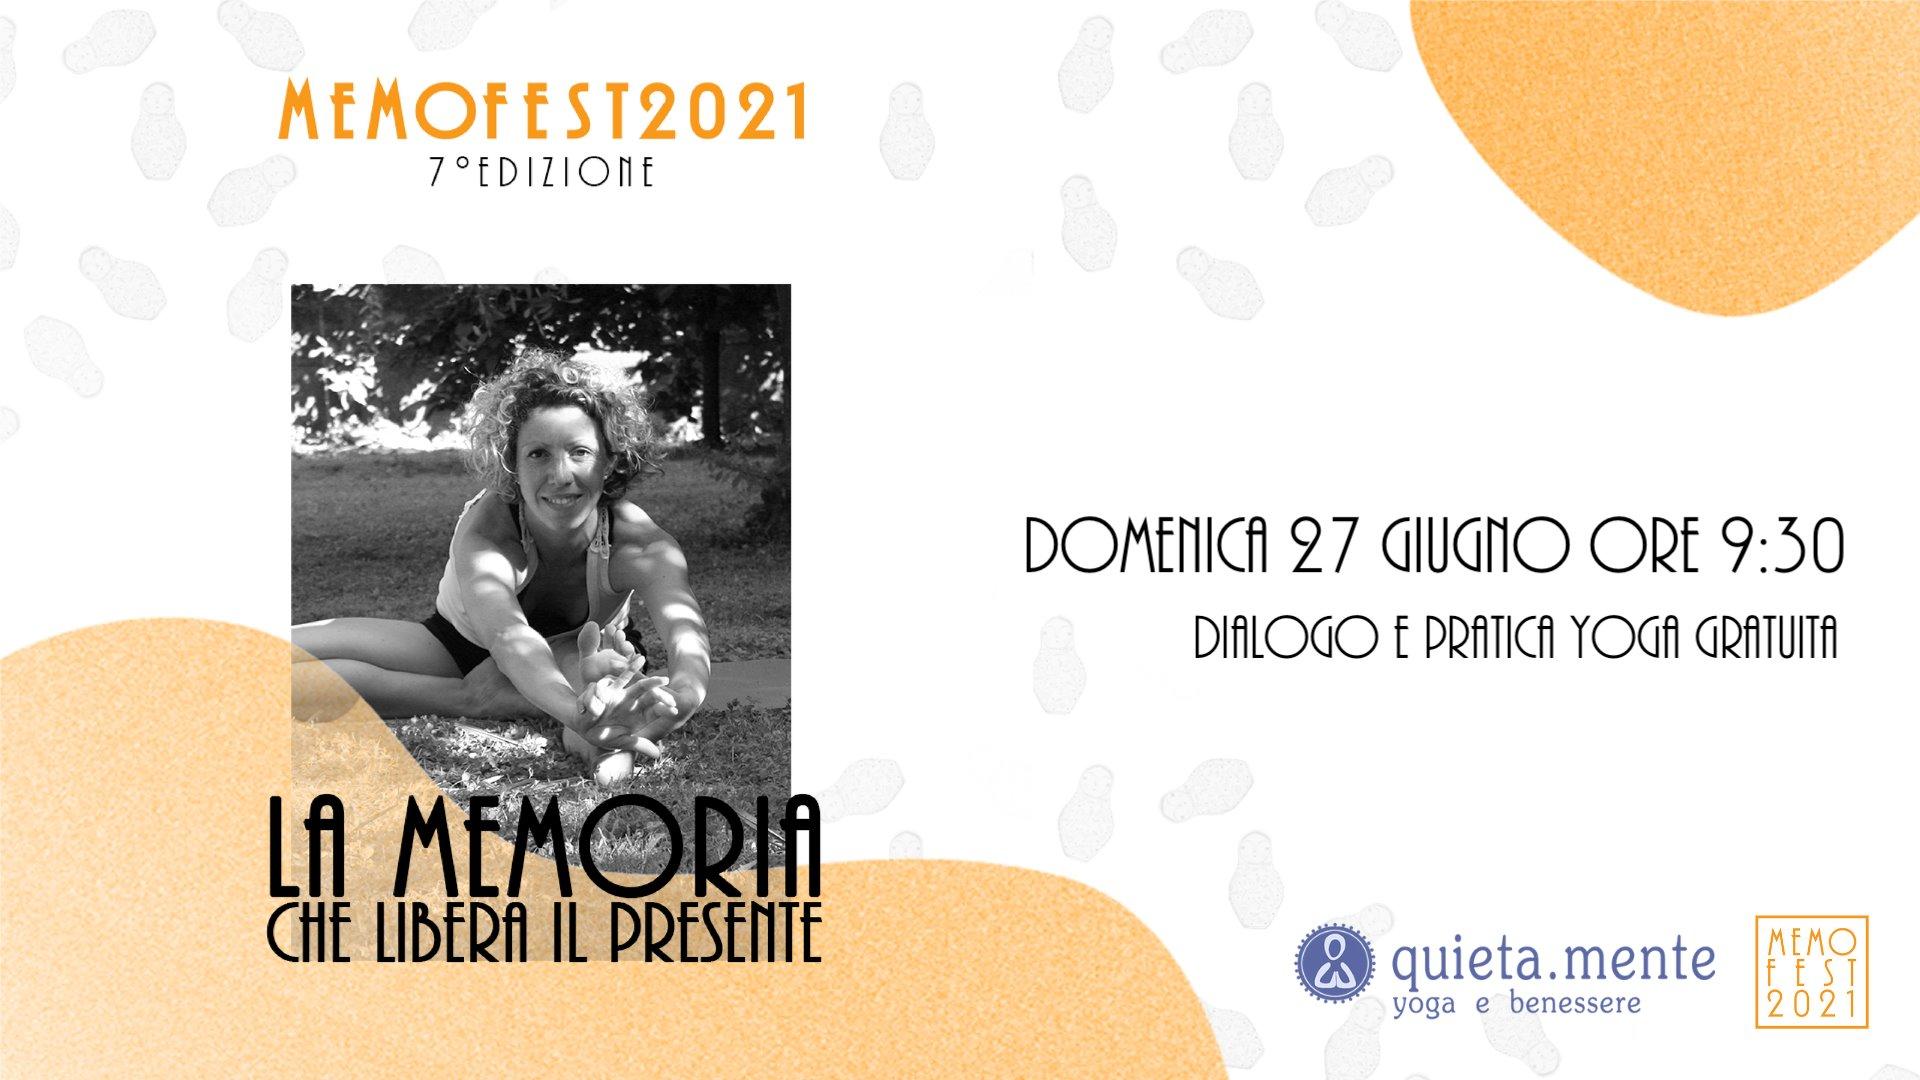 MemoFest 2021 - La Memoria che libera il presente, dialogo e pratica Yoga gratuita